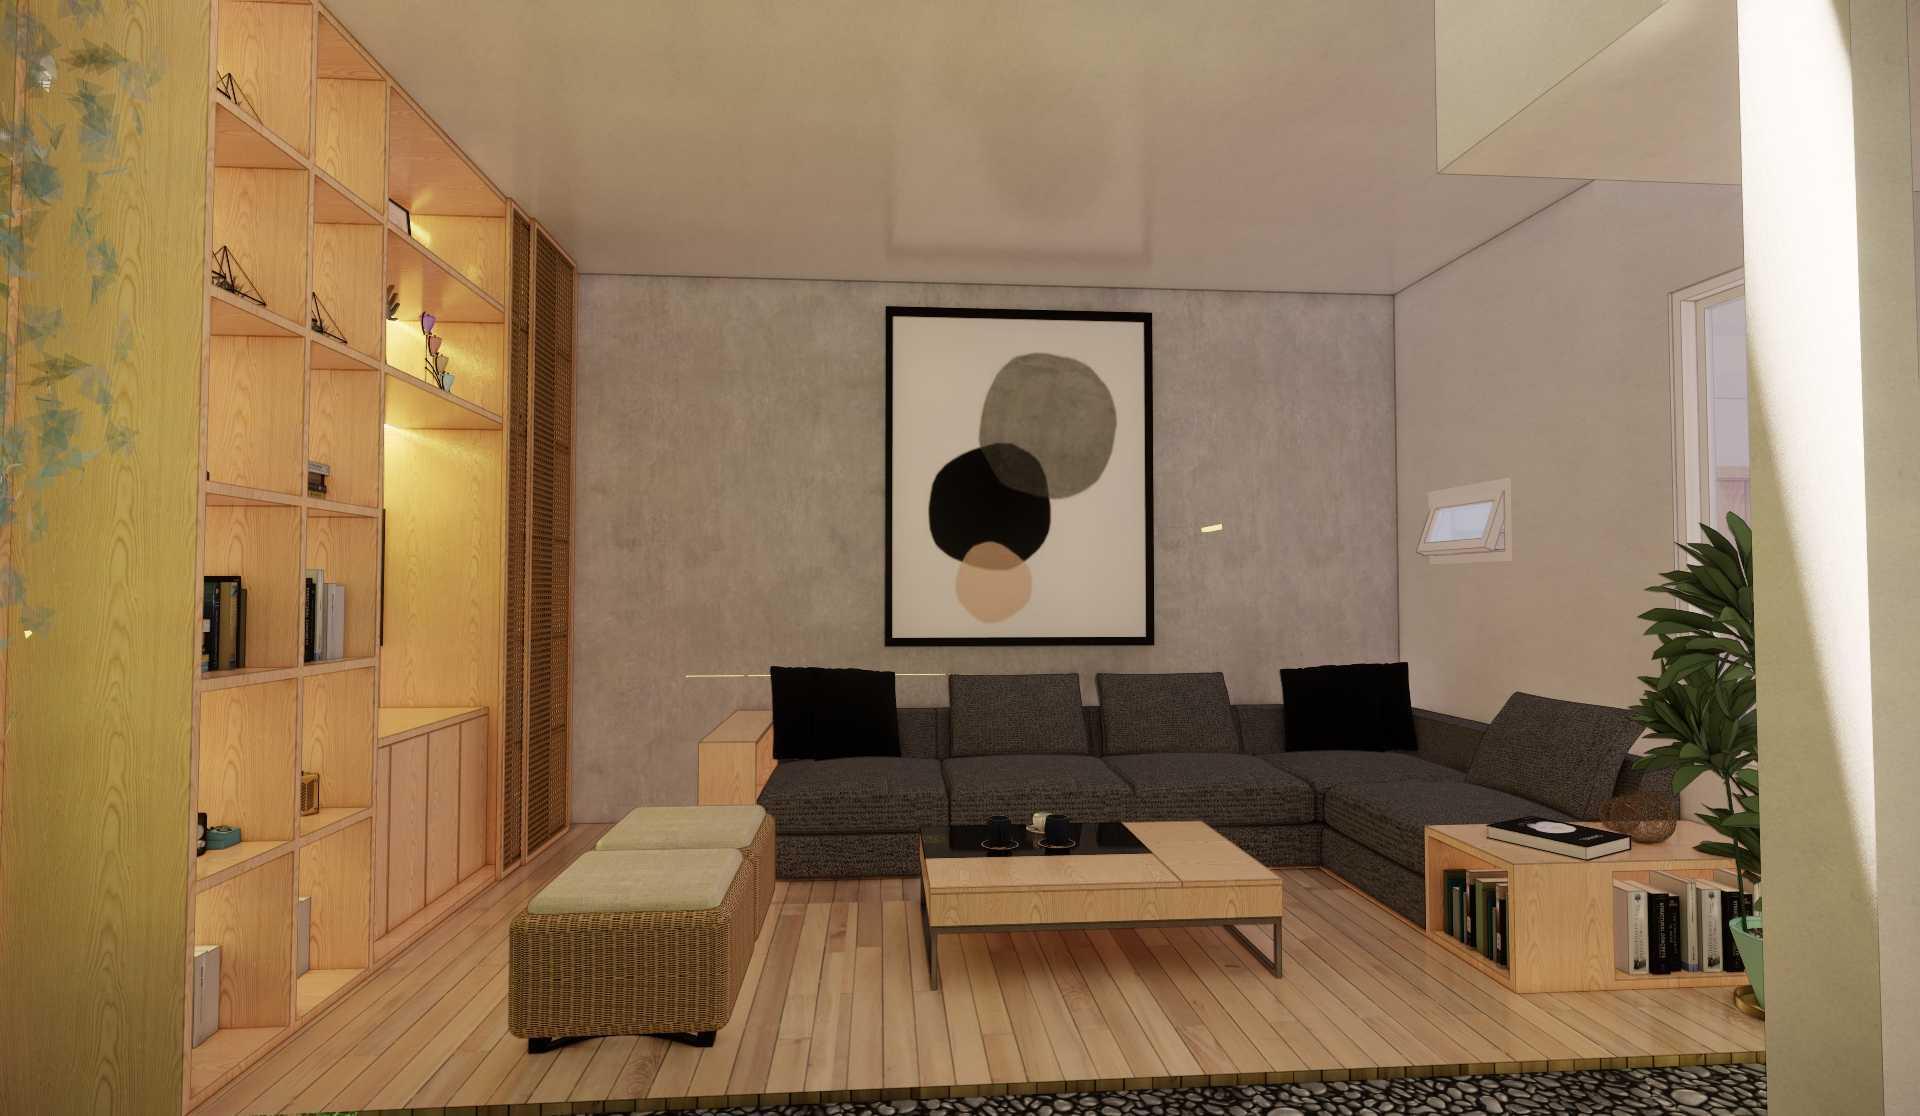 Bral Architect Residence In Malang Malang, Kota Malang, Jawa Timur, Indonesia Malang, Kota Malang, Jawa Timur, Indonesia Bral-Architect-Residence-In-Malang  99932